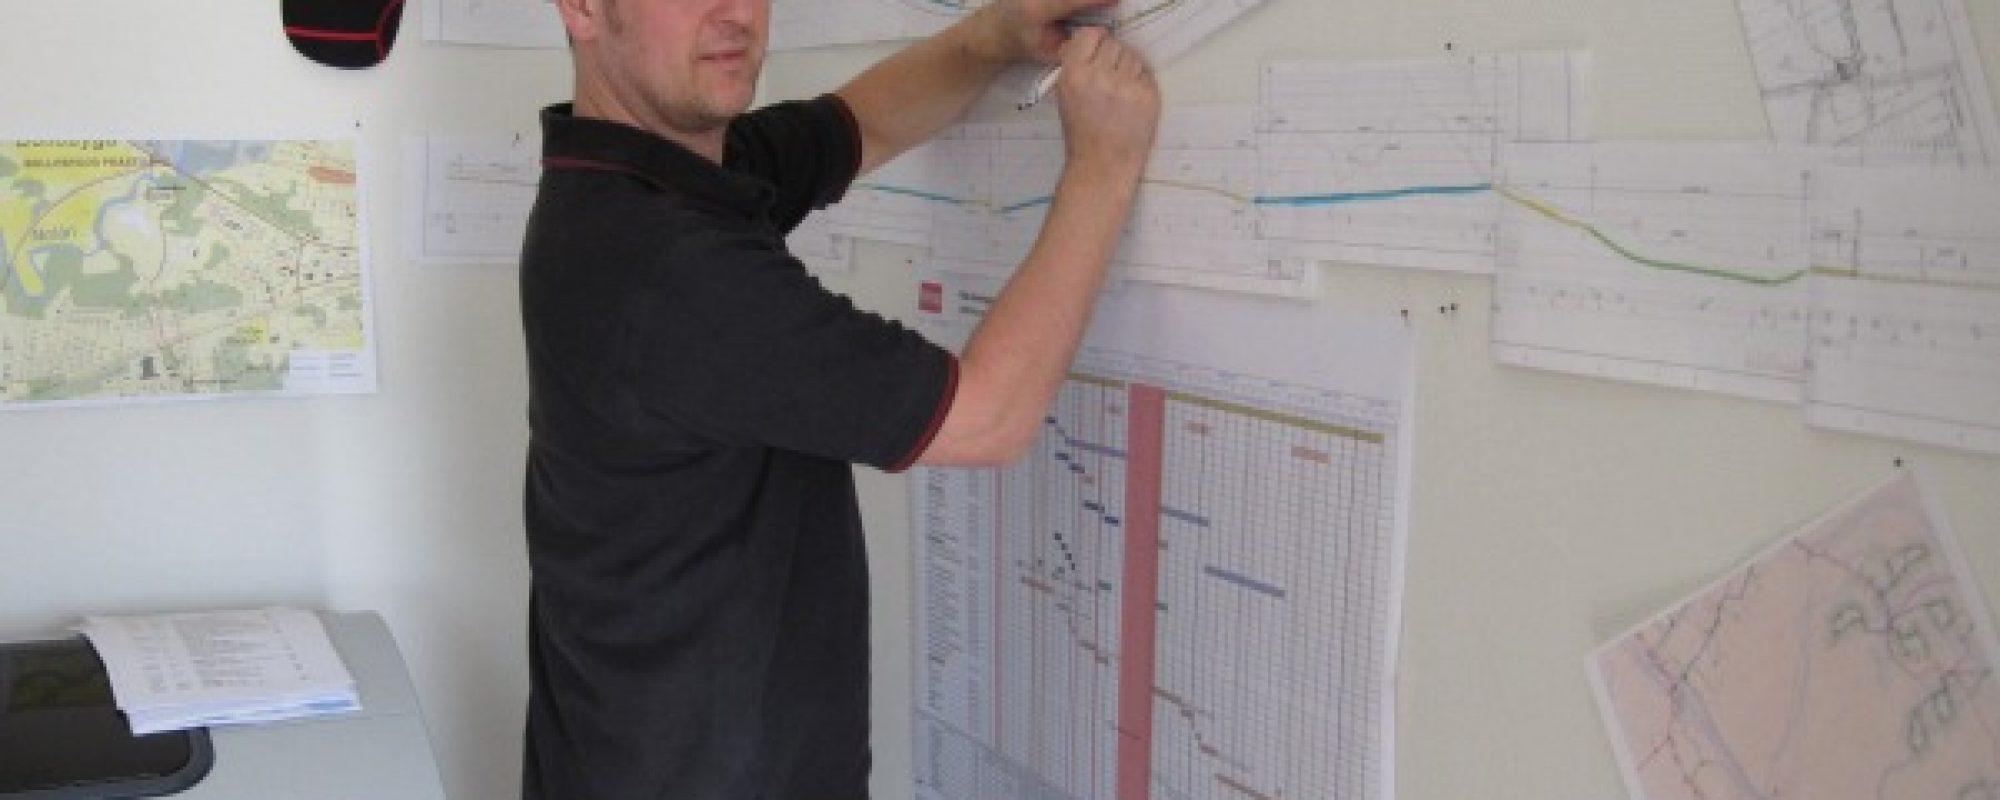 Mathias Jolgård, Styruds projektledare